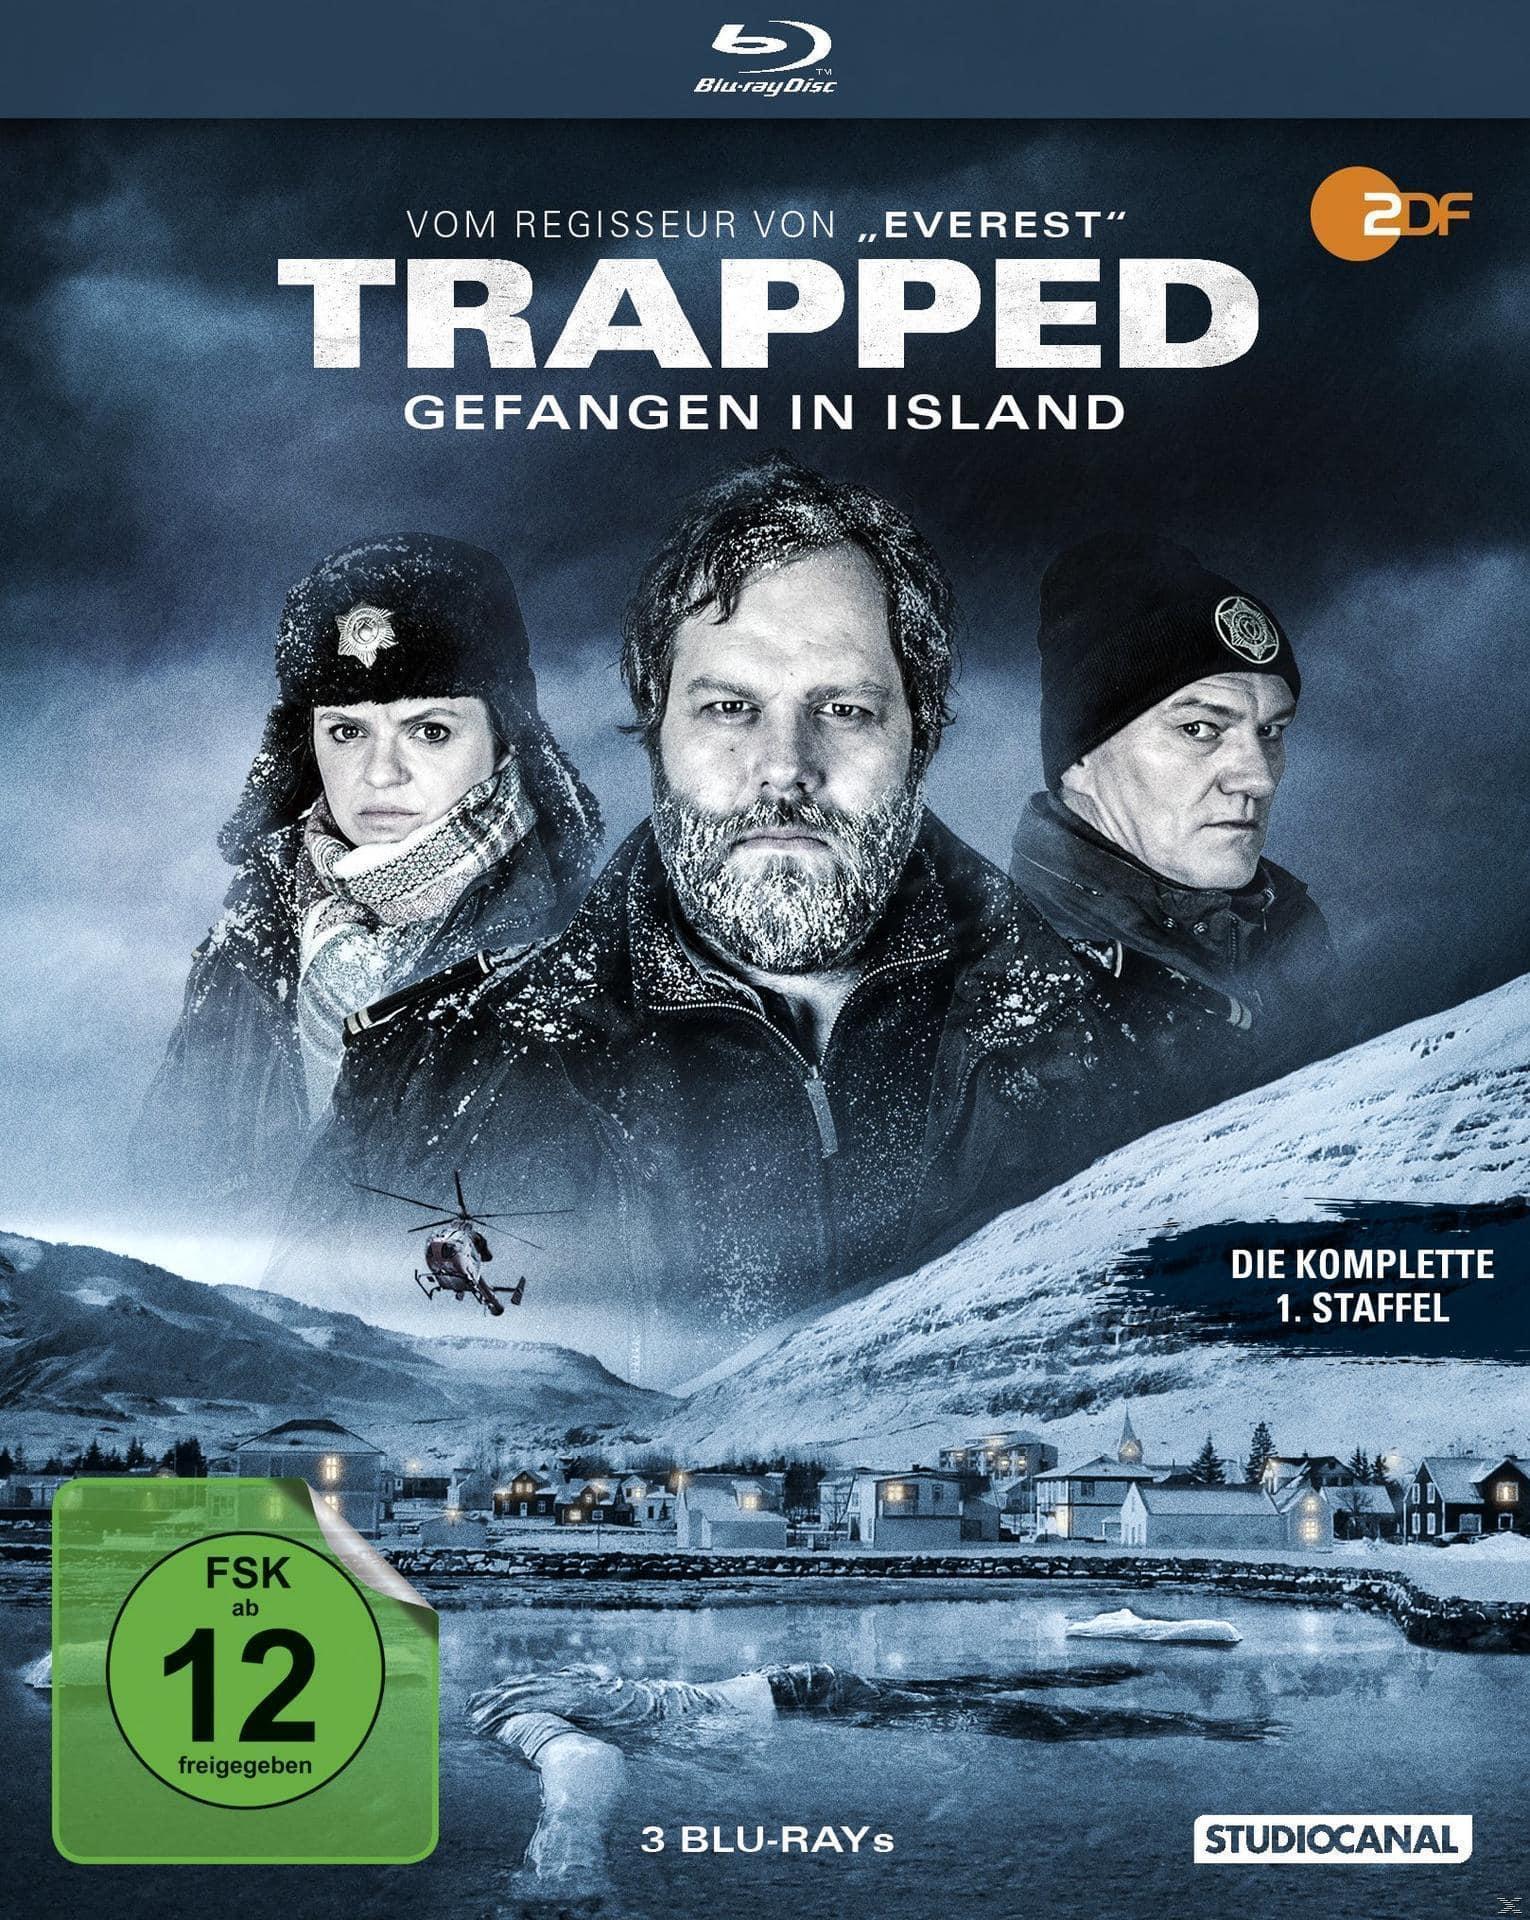 Trapped - Gefangen in Island - Die komplette 1. Staffel Bluray Box (BLU-RAY) für 21,99 Euro